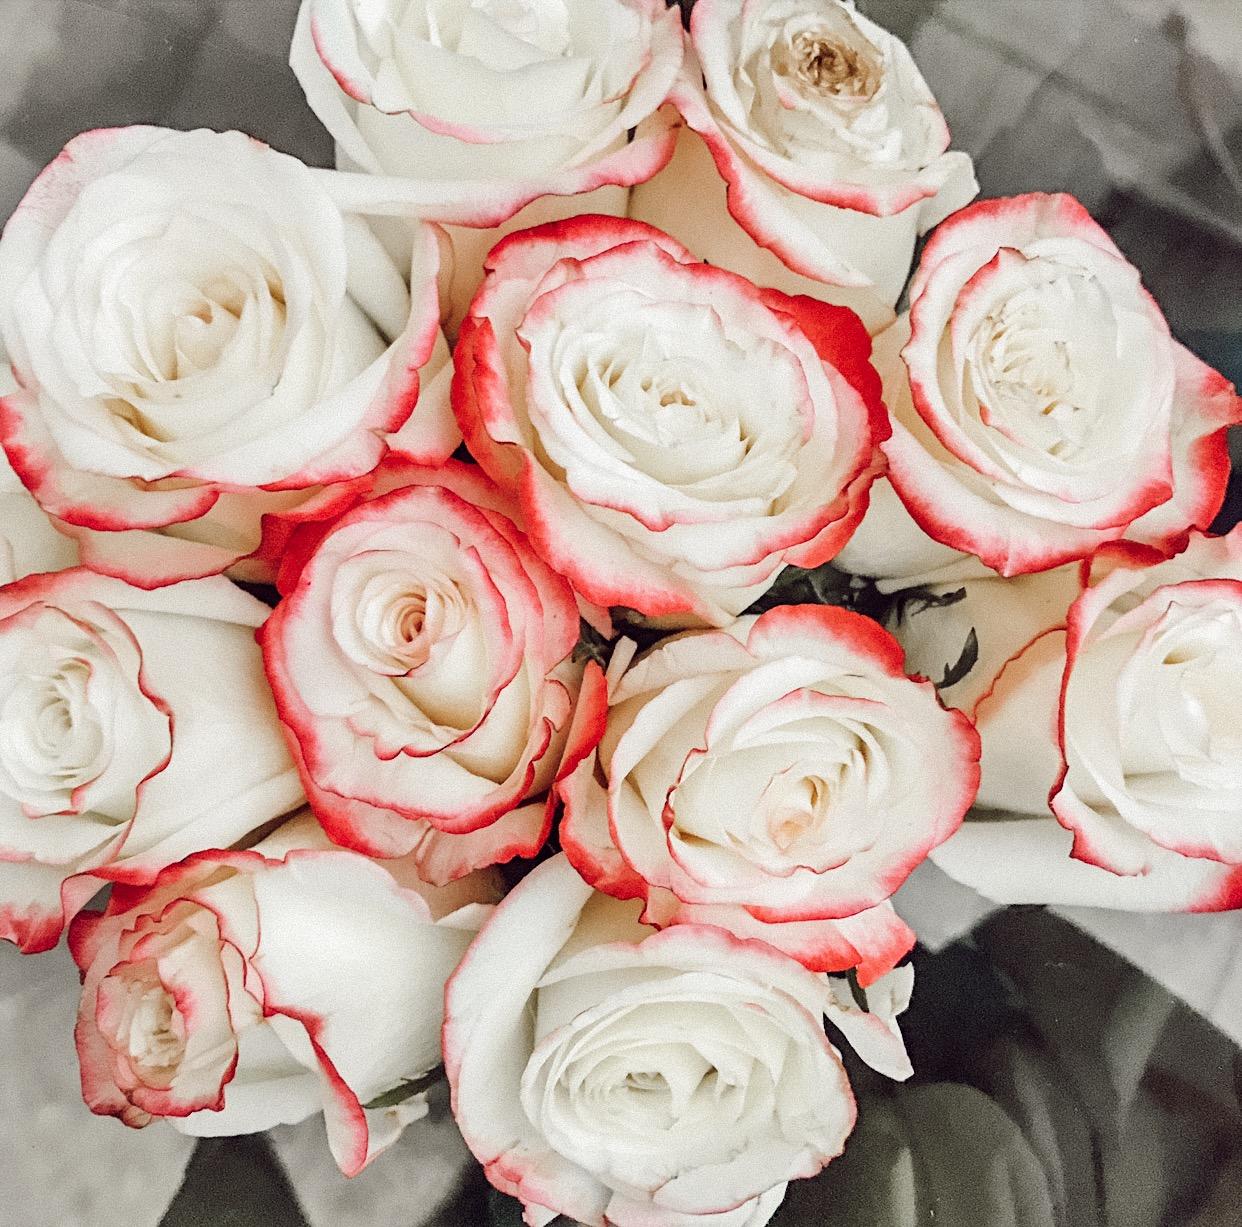 roses in nyc.JPG